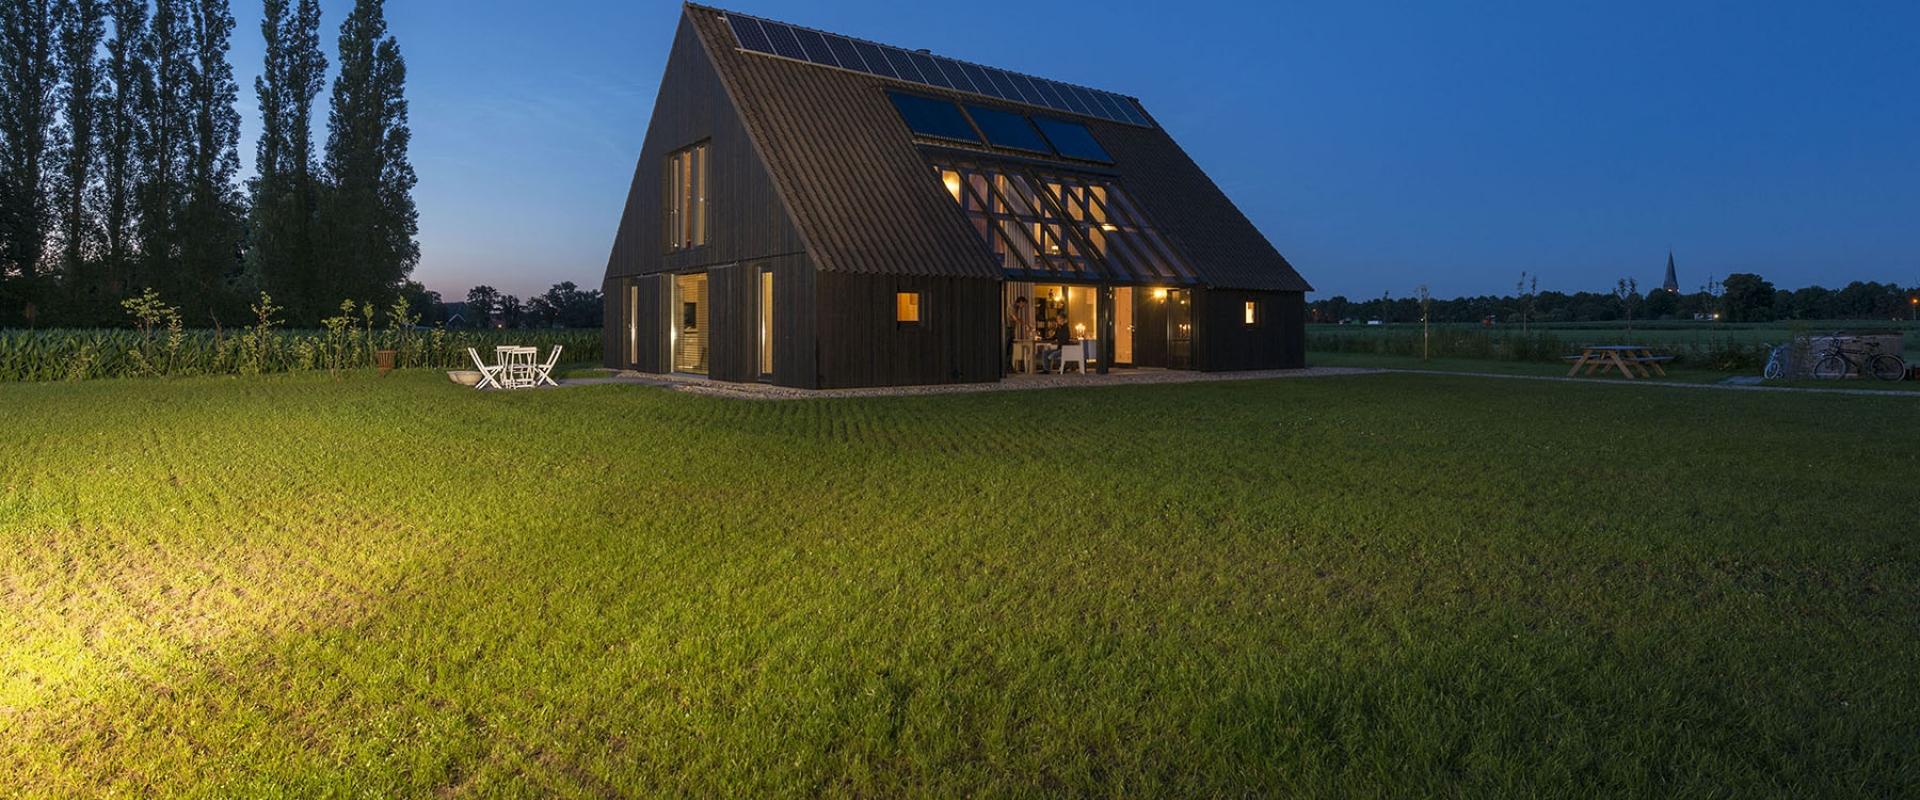 Schipperdouwesarchitectuur Duurzame Schuurwoning Delden Thea Van De Heuvel Hr (13)